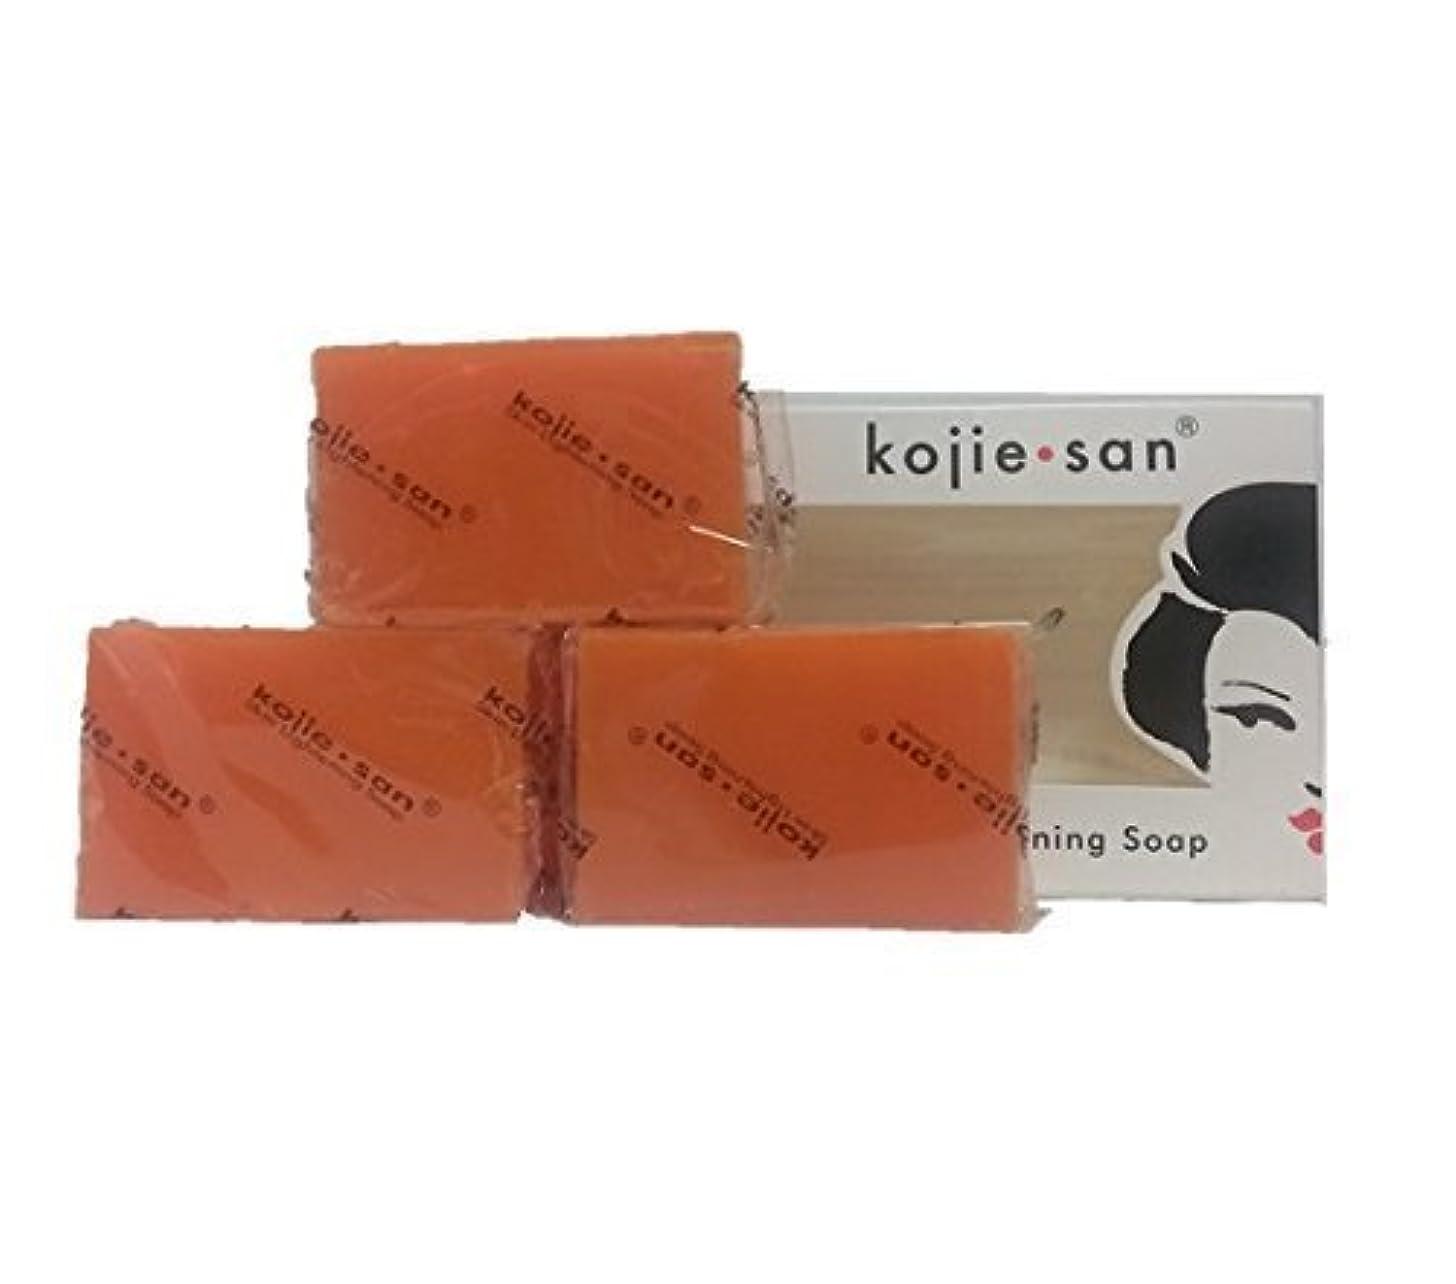 シネウィ報告書遺体安置所Kojie san Skin Lightning Soap 3 pcs こじえさんスキンライトニングソープ3個パック [並行輸入品]